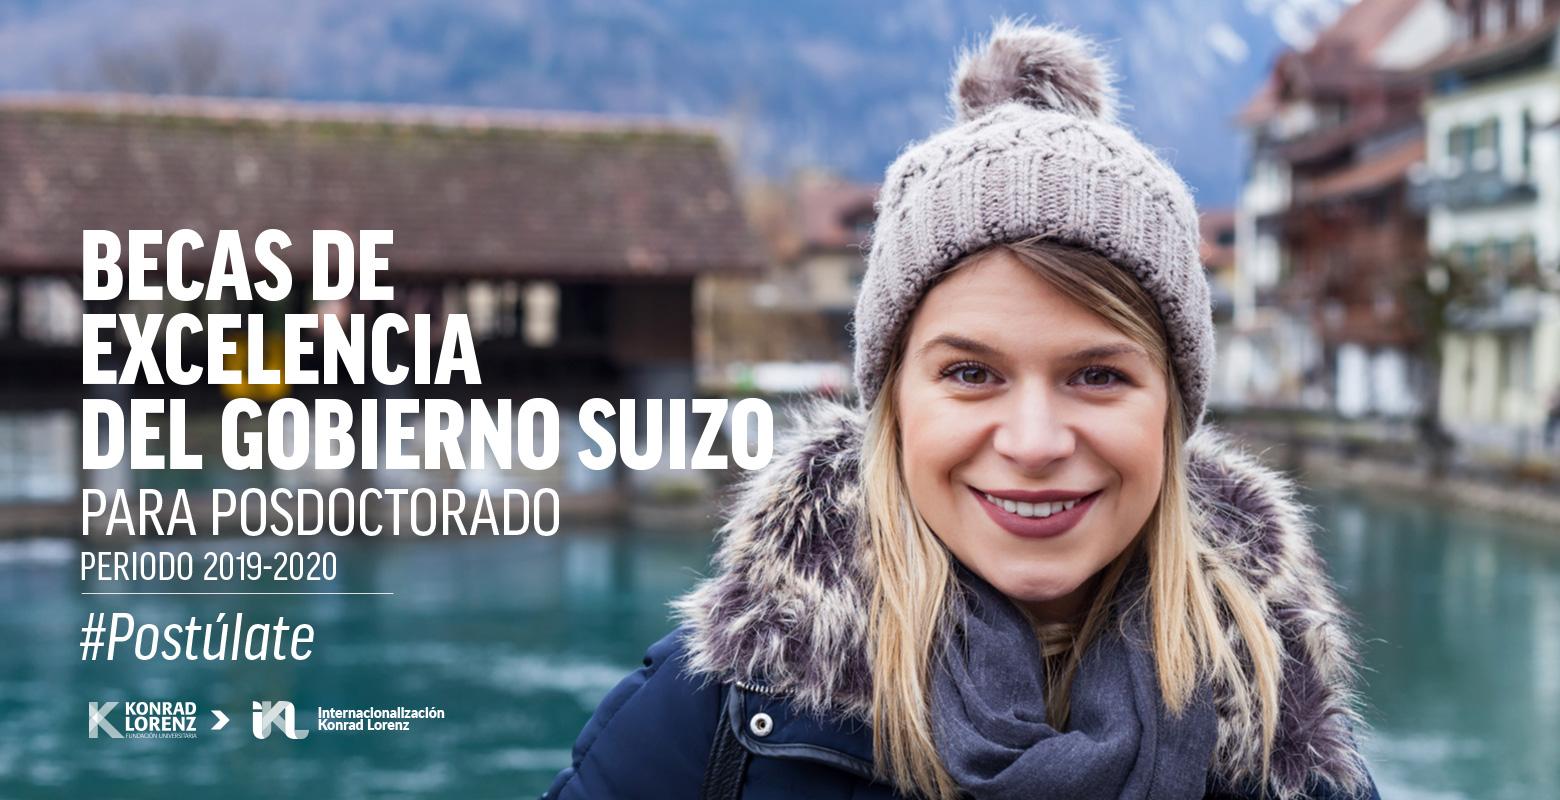 Becas de Excelencia del gobierno suizo para realizar Posdoctorado